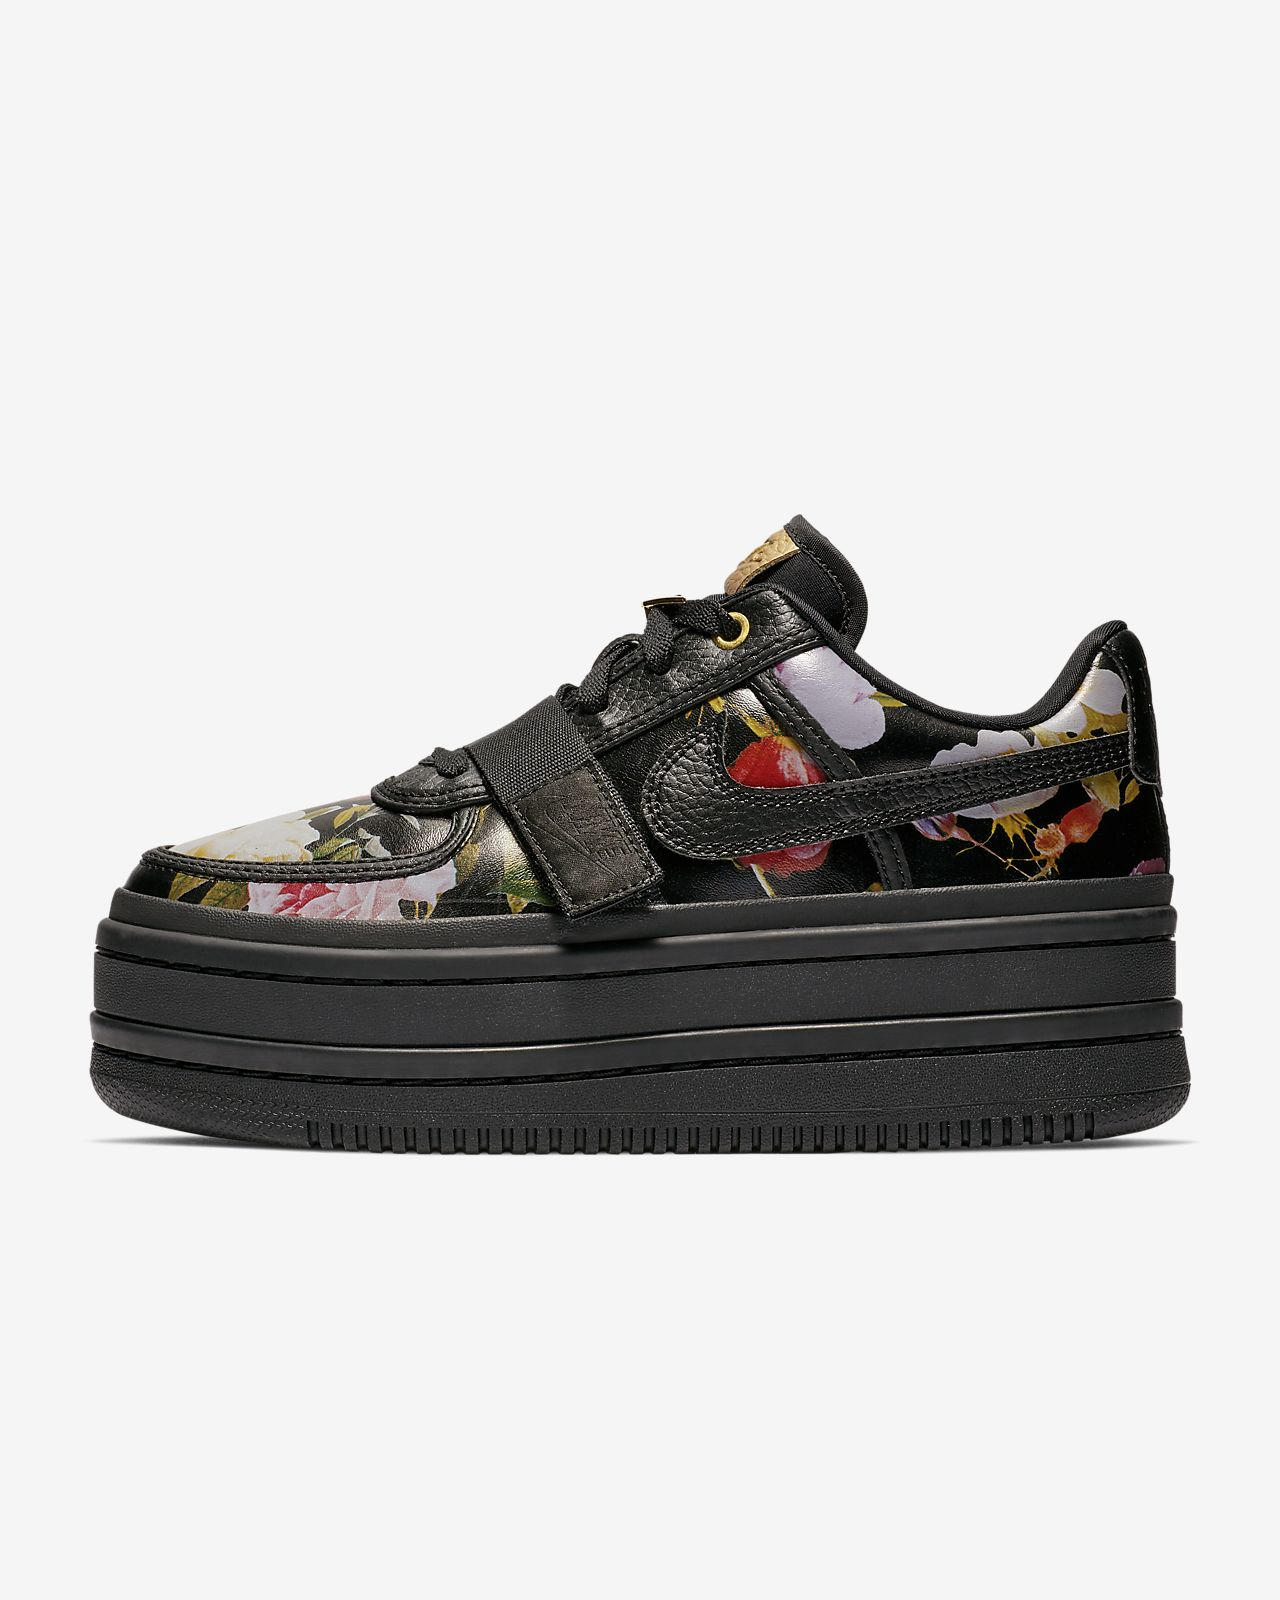 Nike Vandal 2K LX 女子运动鞋